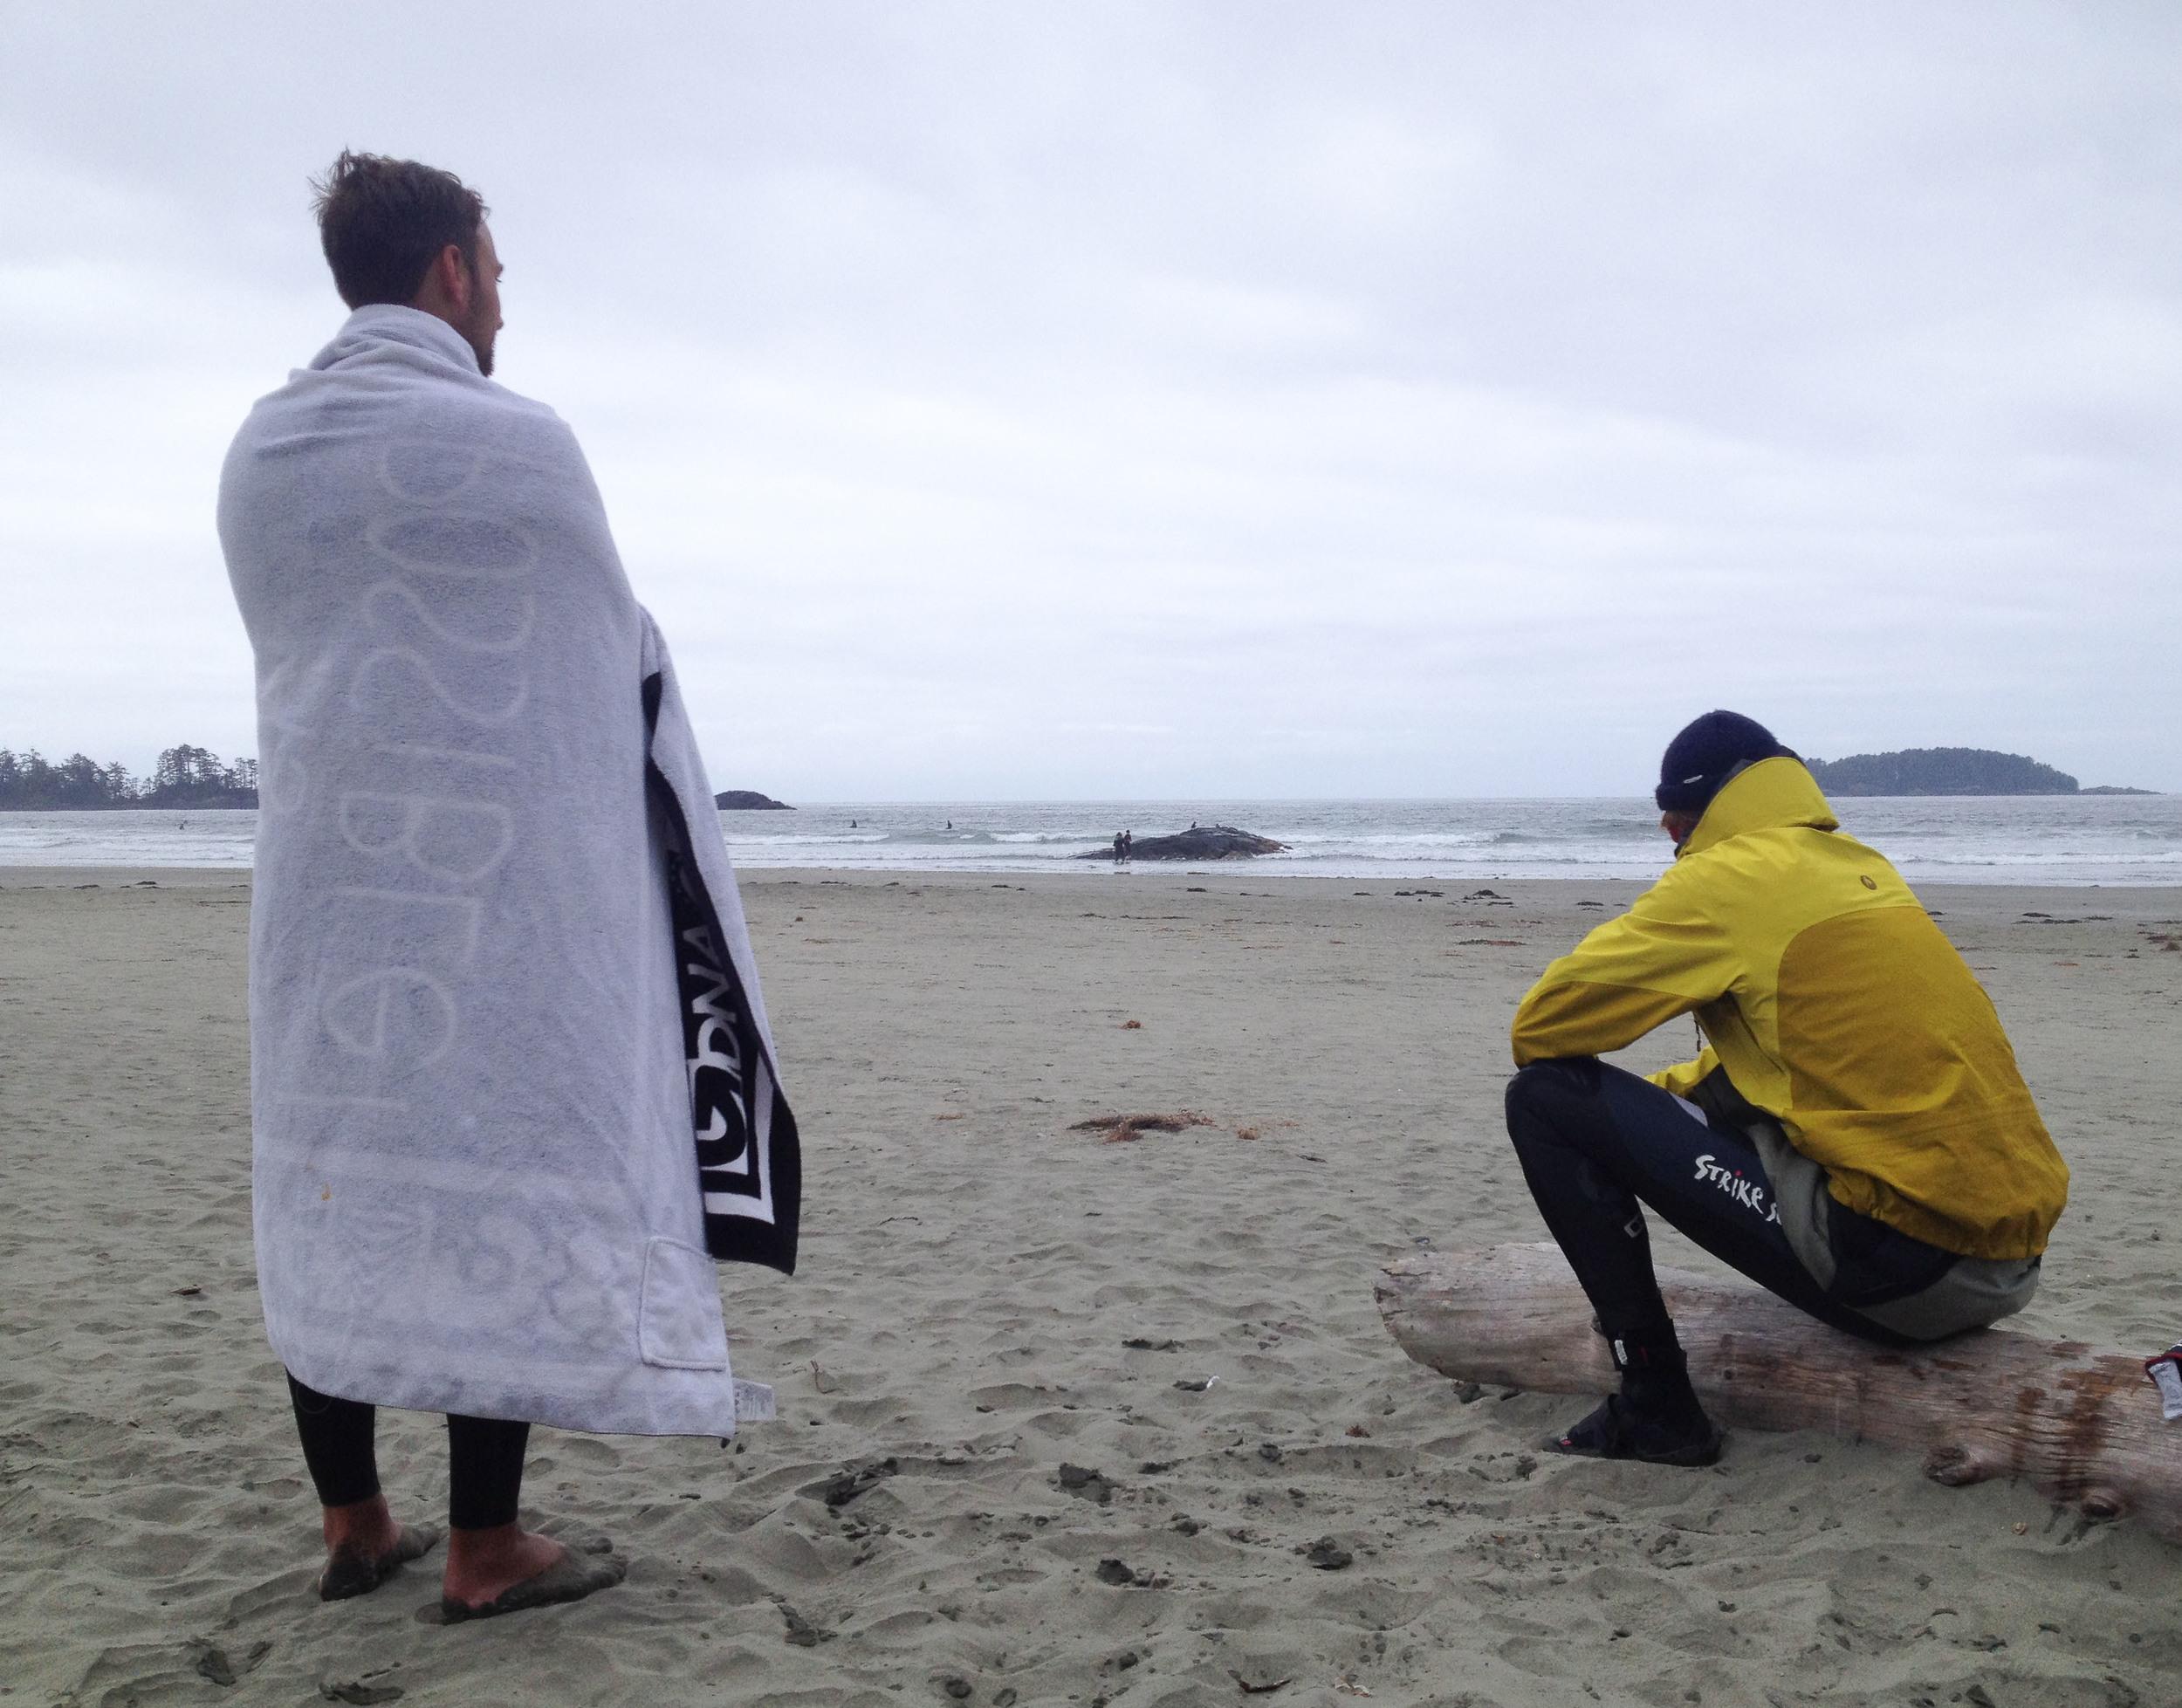 tofino bc surfing weekend getaway guide hellogetaway tips